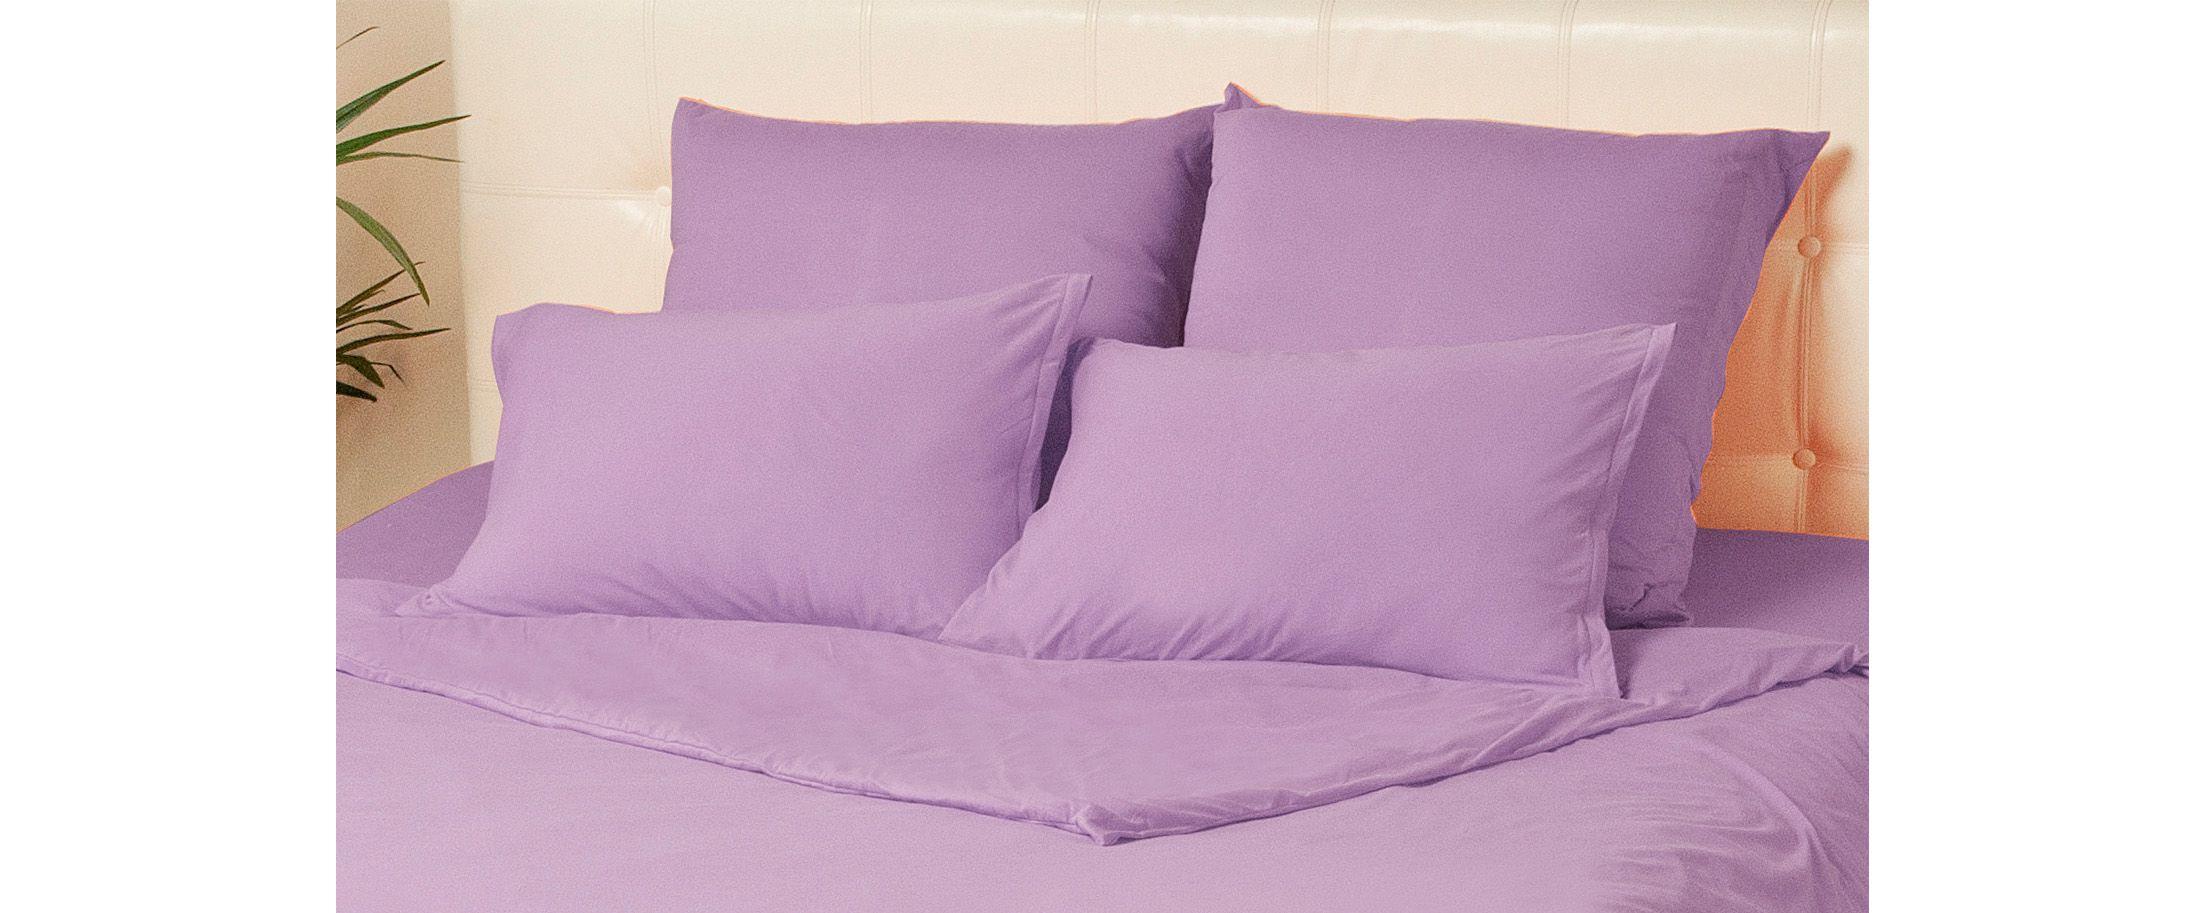 Комплект наволочек на молнии 50х70 сиреневого цвета Violett Модель 4002 от MOON TRADE